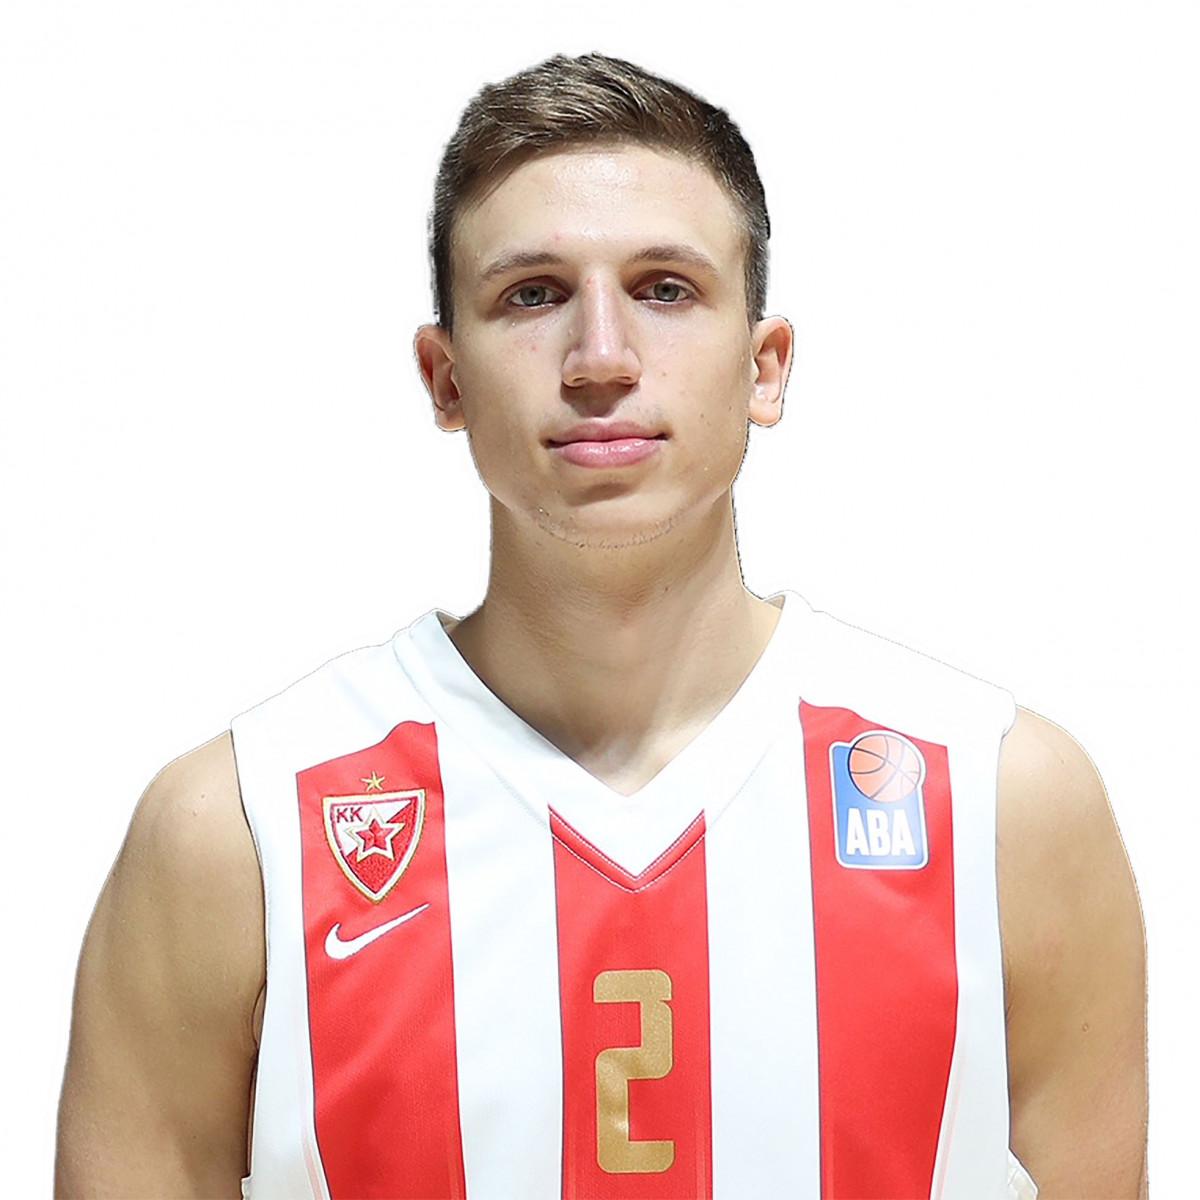 Photo of Aleksa Radanov, 2018-2019 season